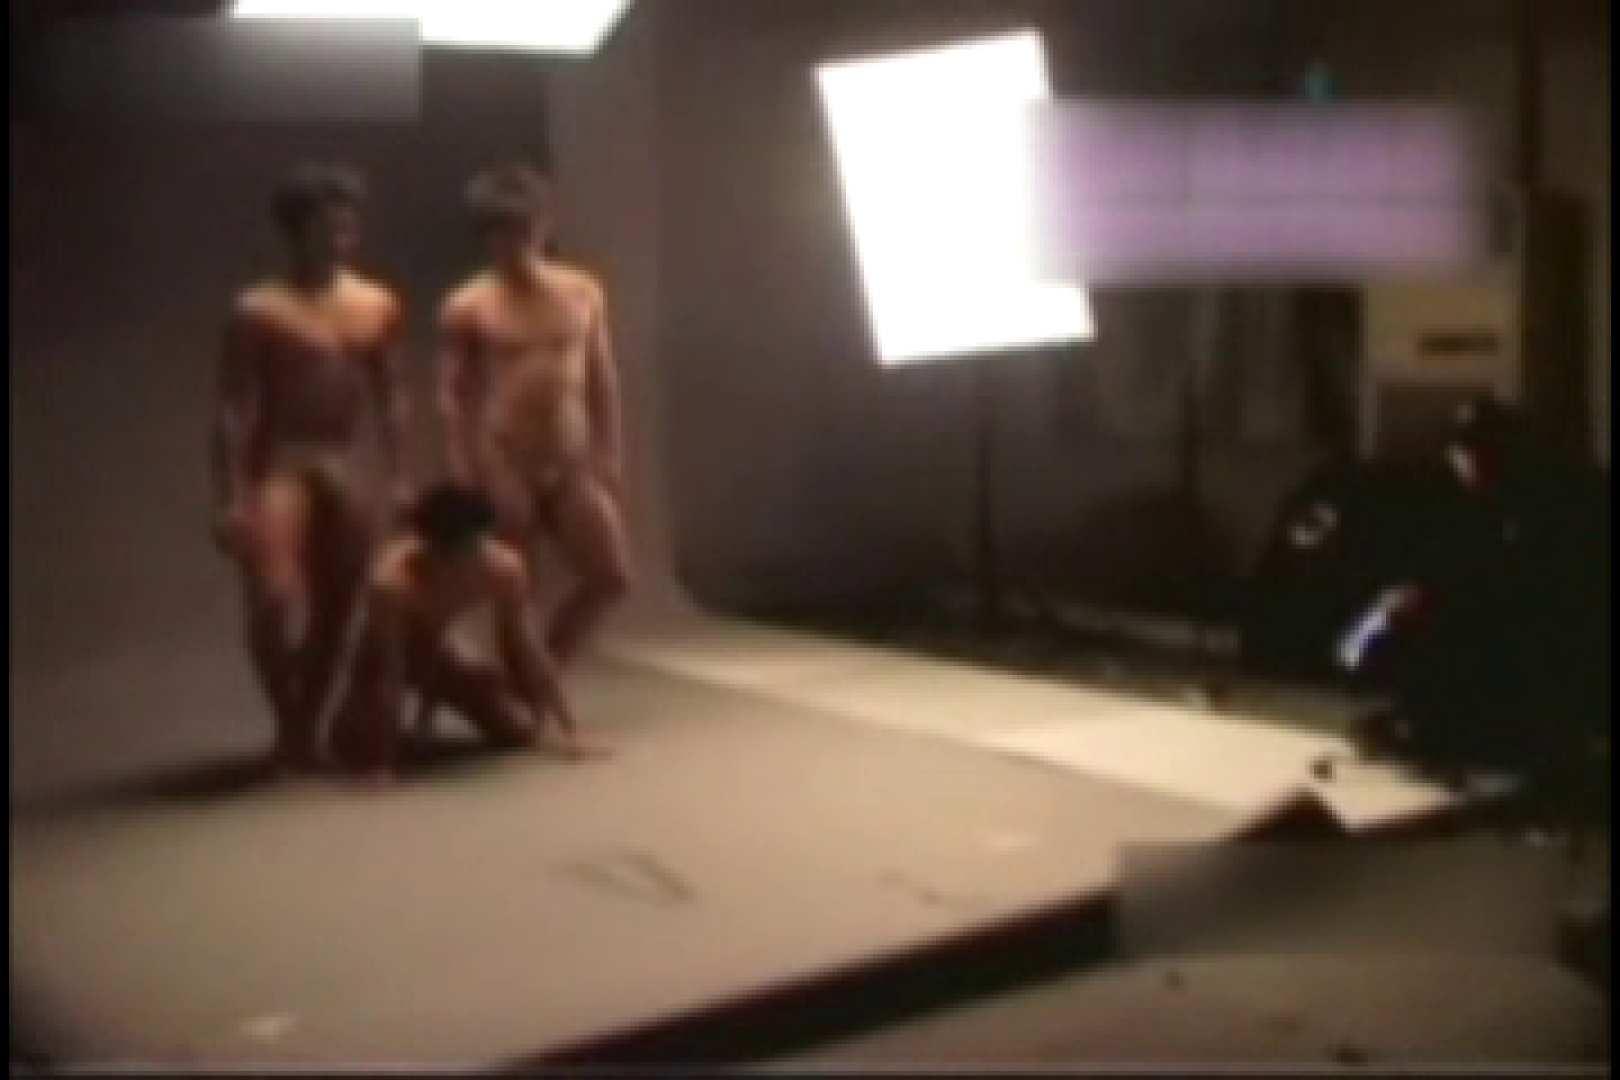 中出有名ゲイ雑誌★魅力●生★付録DVD収録スーパーモデルヌードvol4 ゲイイメージ | モデル ゲイエロ画像 100pic 31